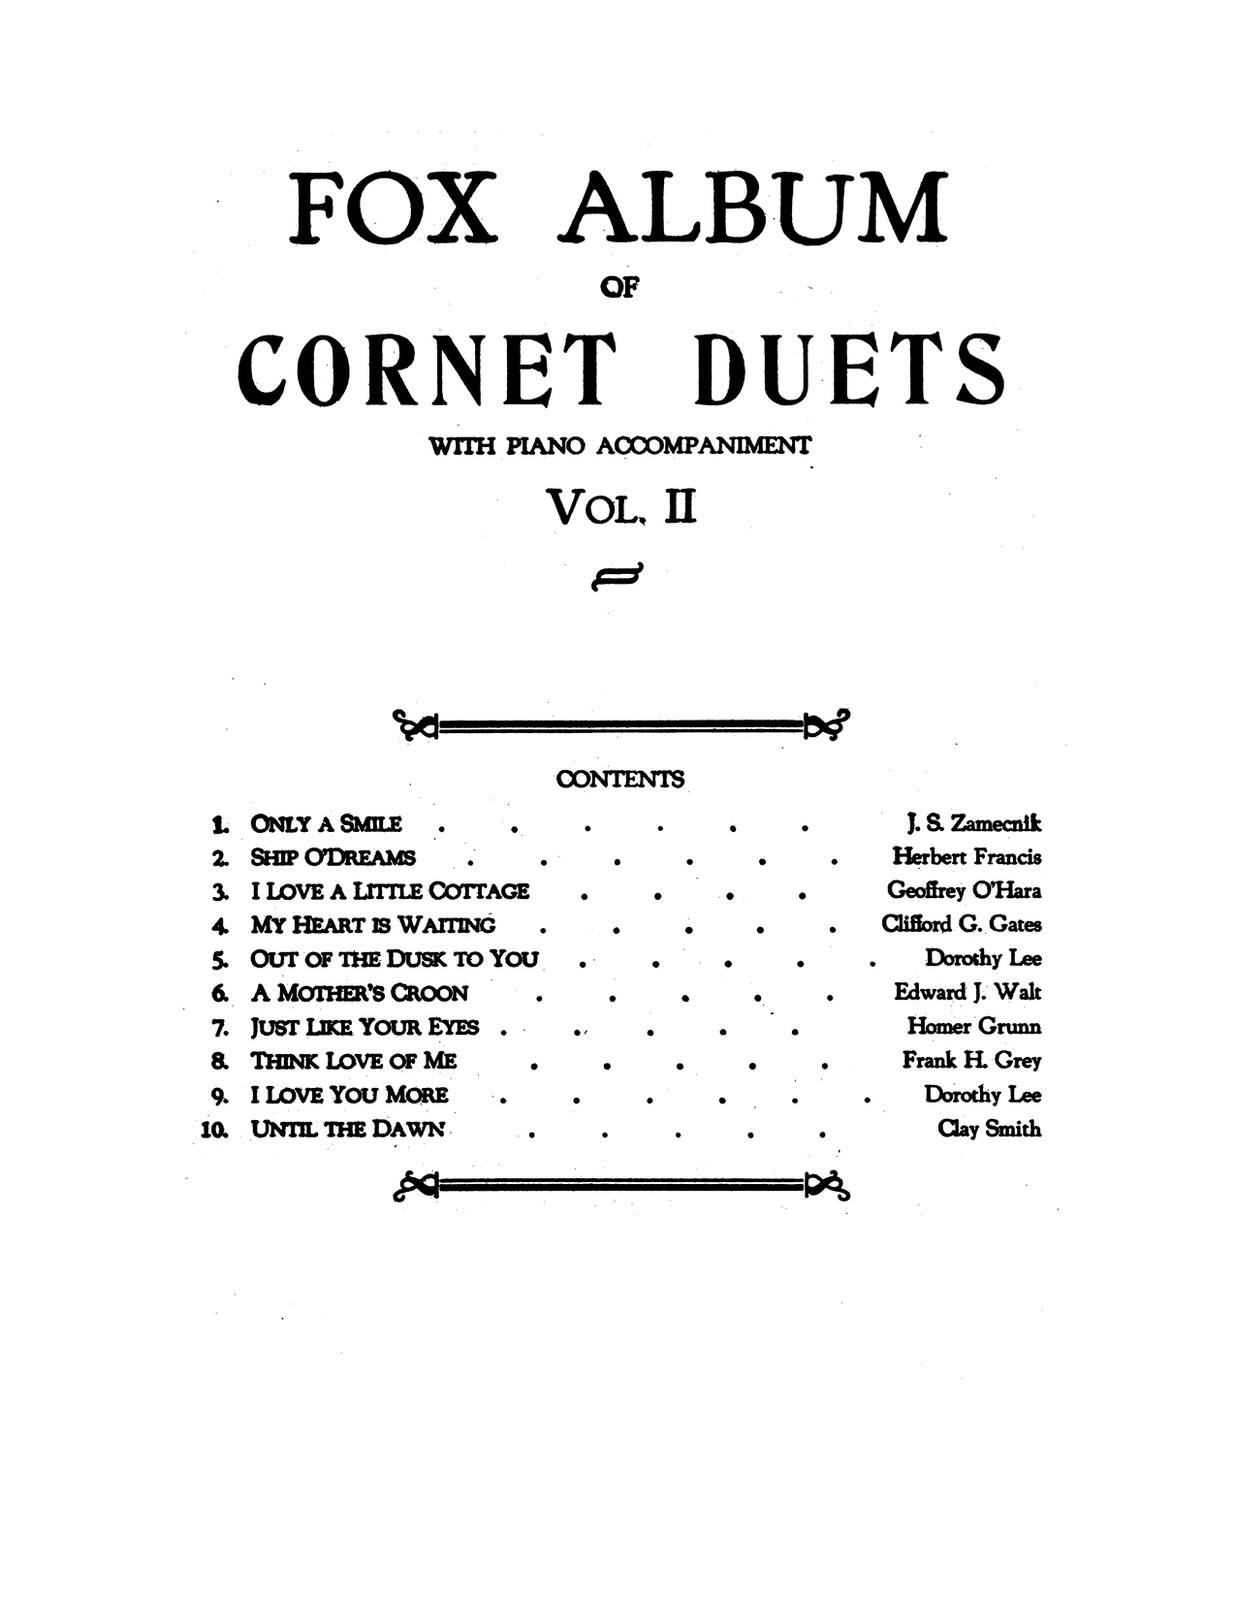 Fox Album of Cornet Duets Vol.2-p27